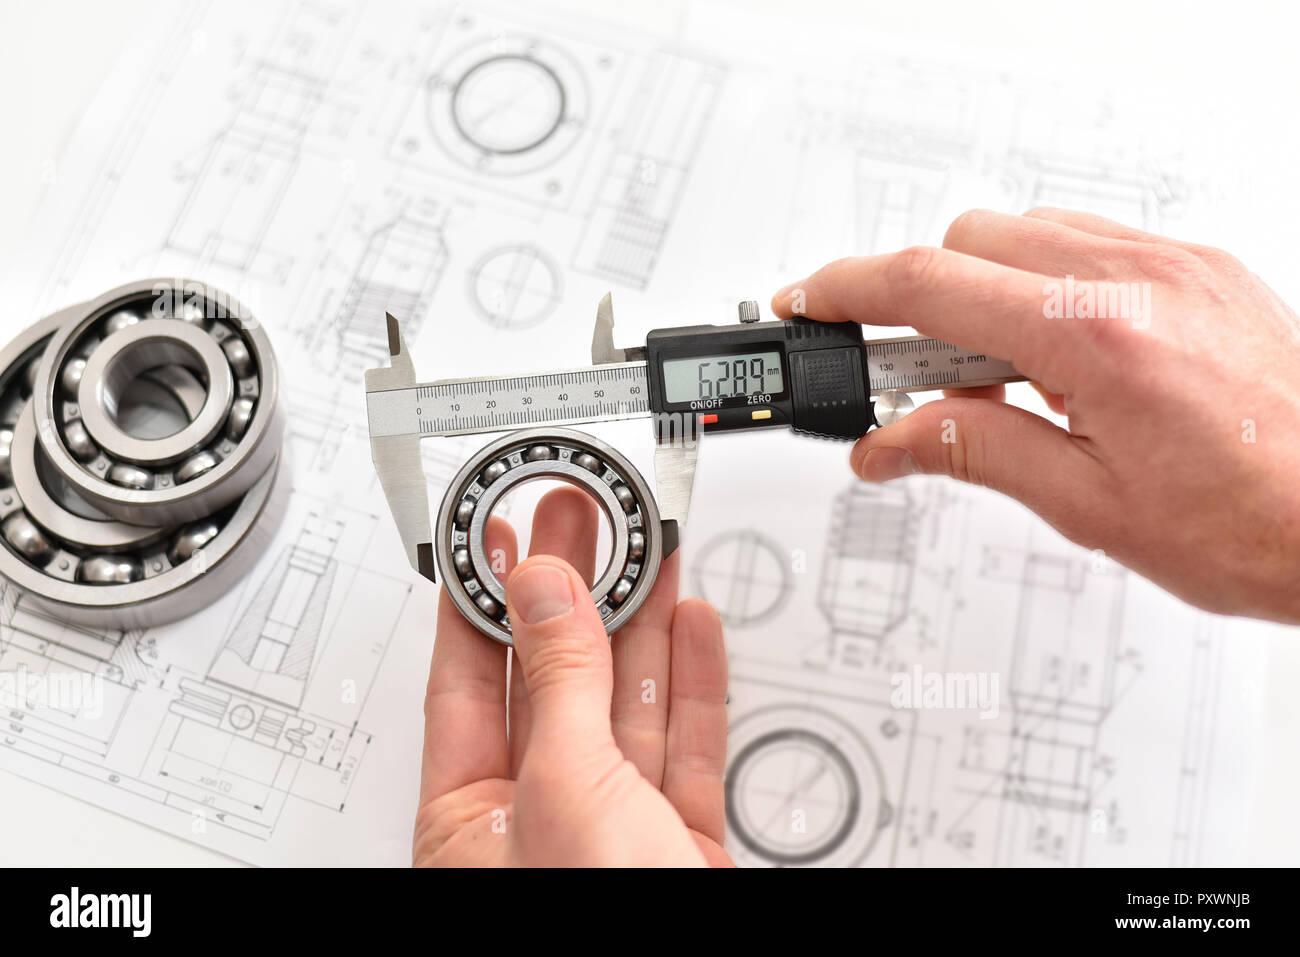 Controllo Di Qualità Nella Moderna Ingegneria Meccanica Misuratori